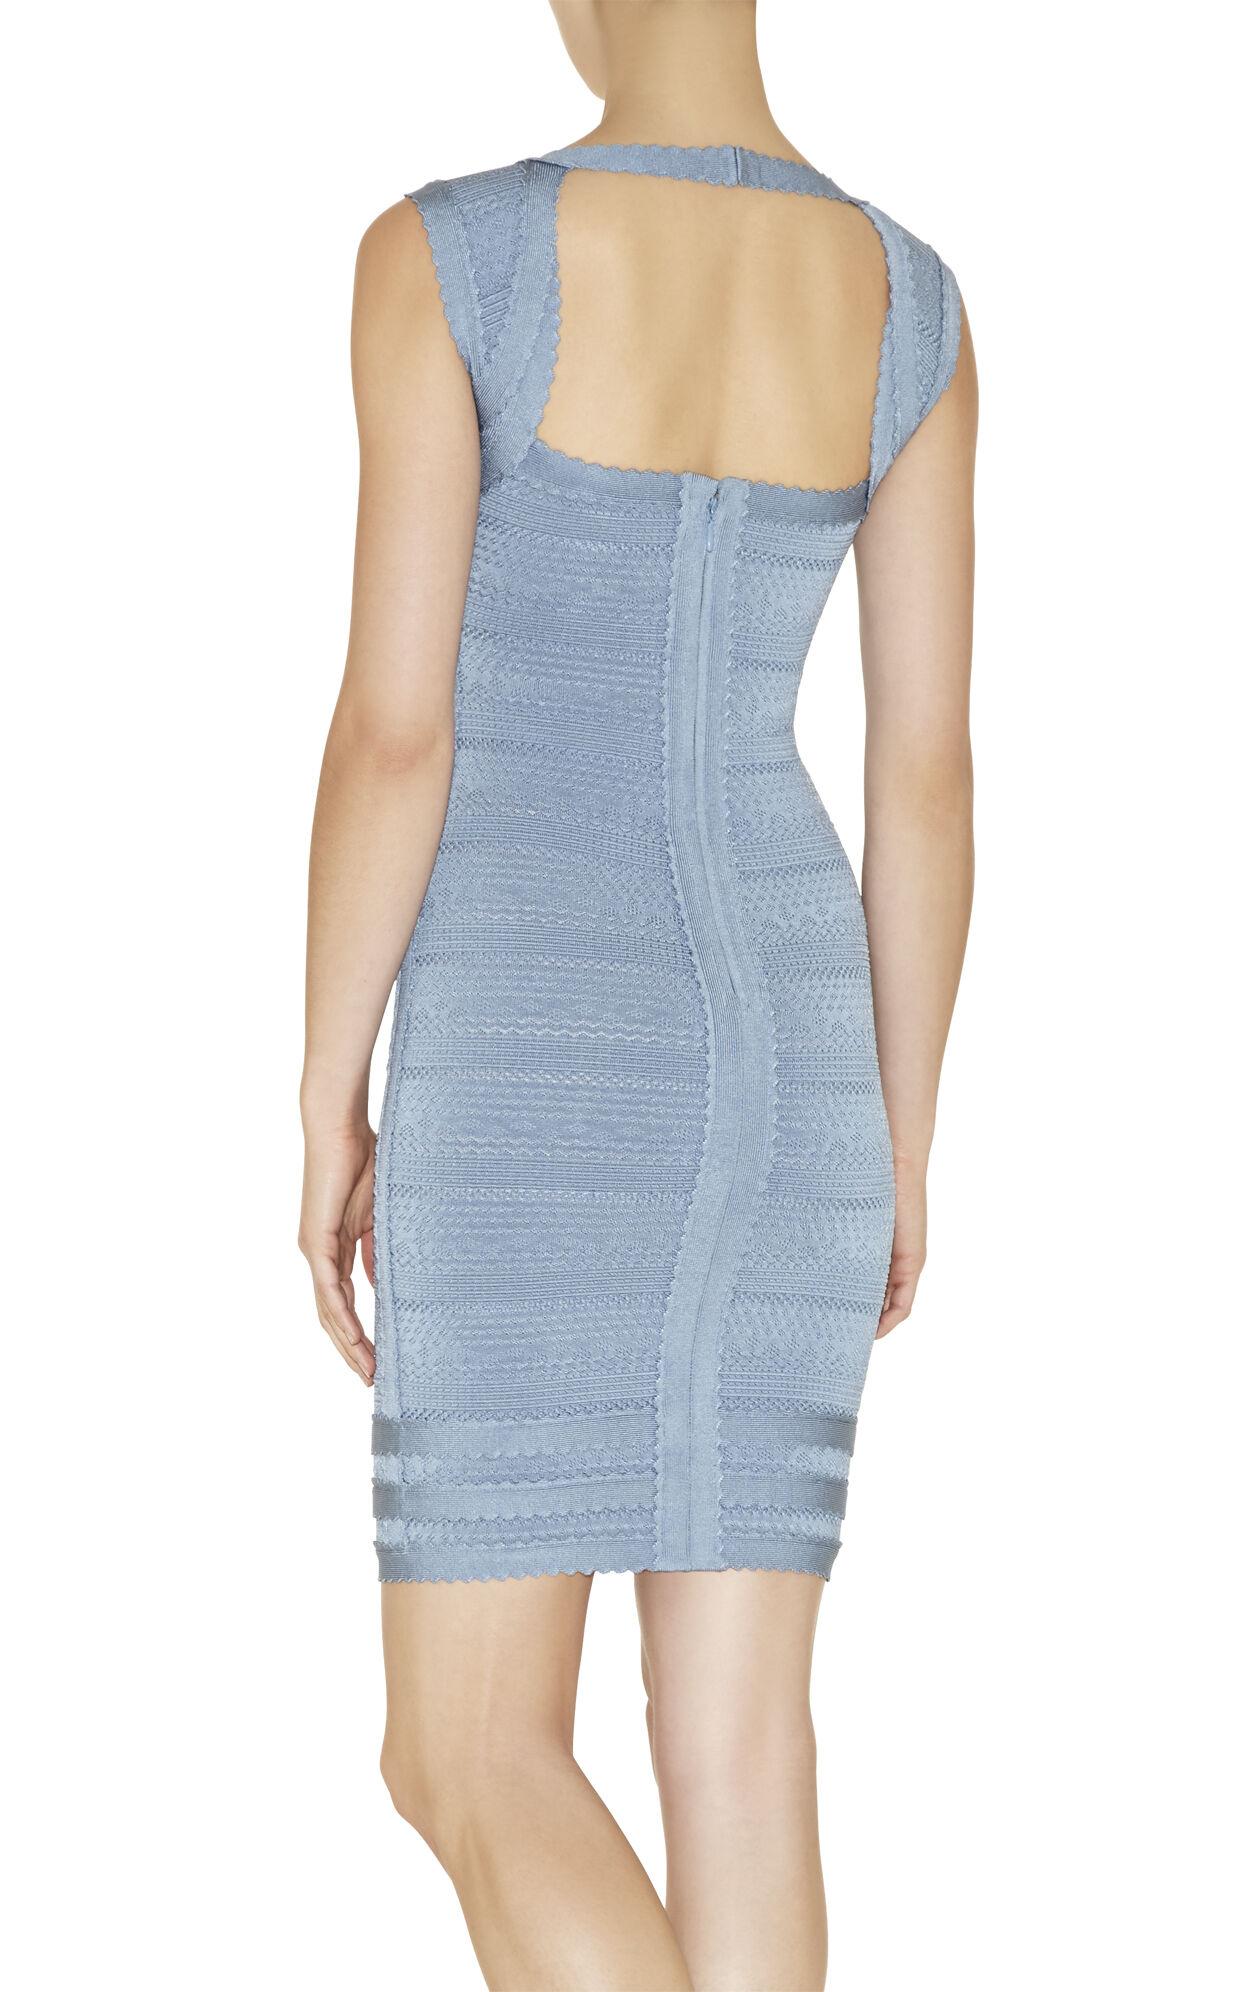 Sarai Lace-Stitched Scalloped-Trim Dress